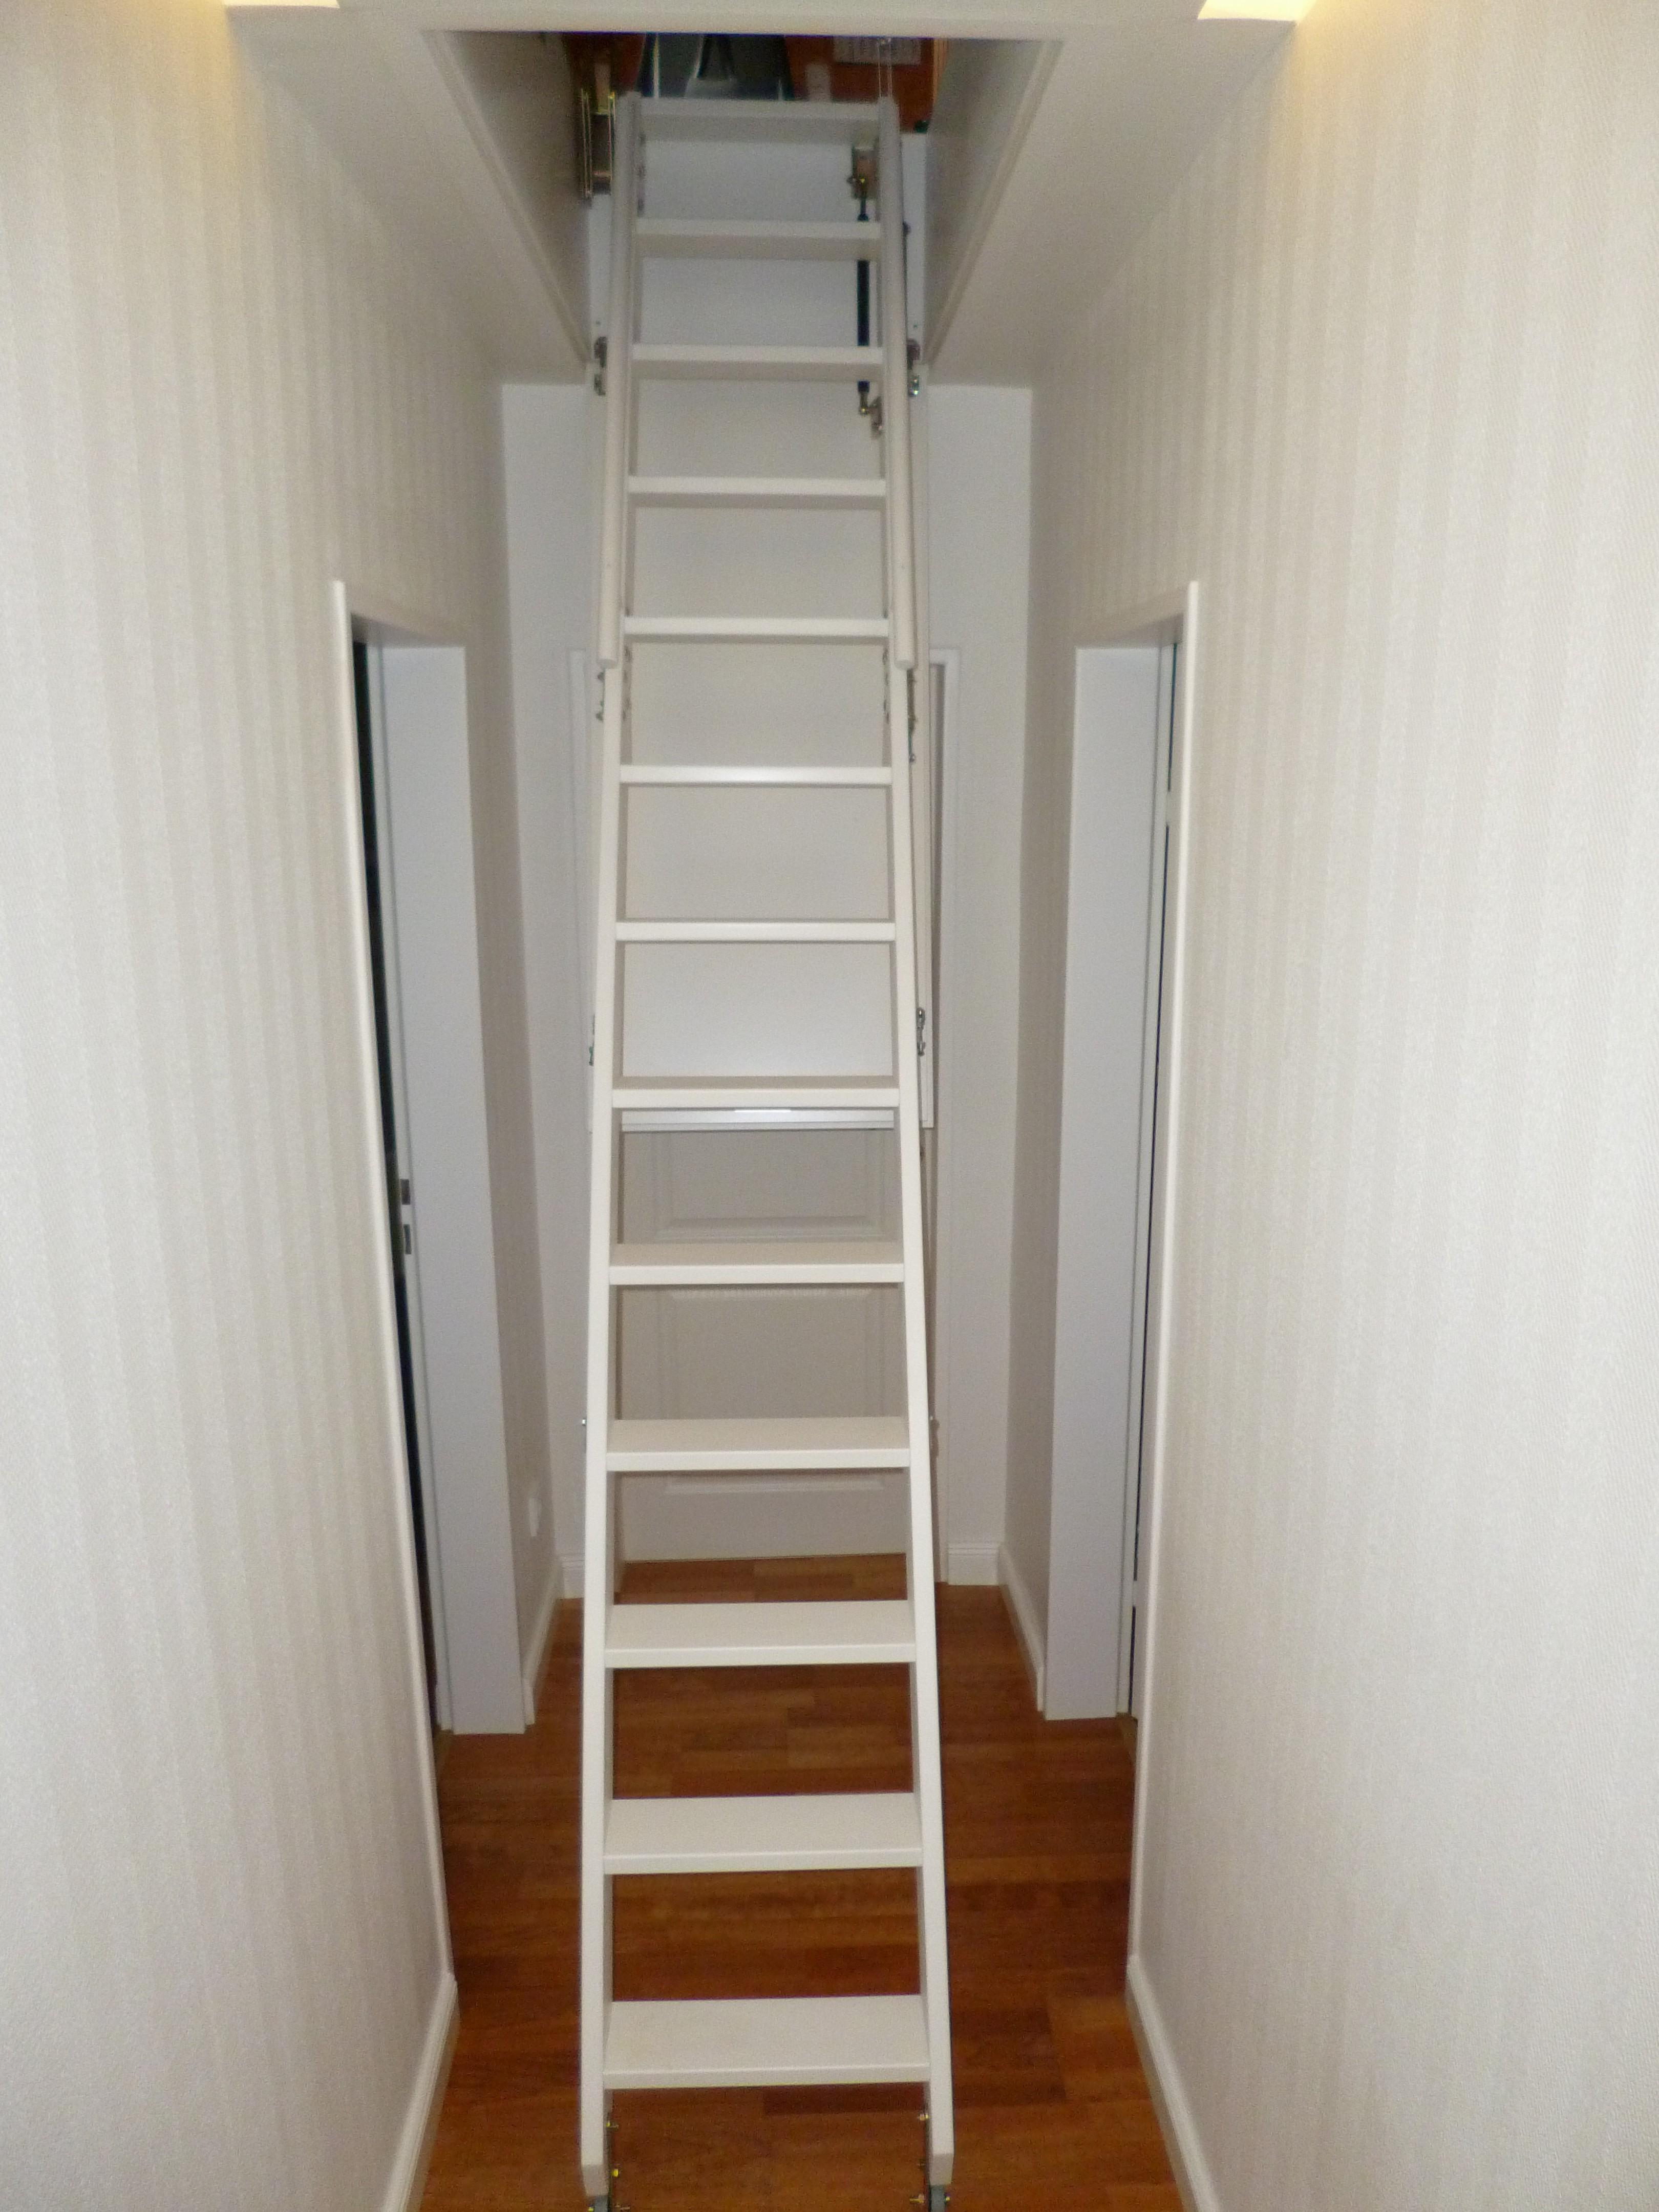 elda bt2 vollautomatische dachbodentreppe - jowi holz-innenausbau